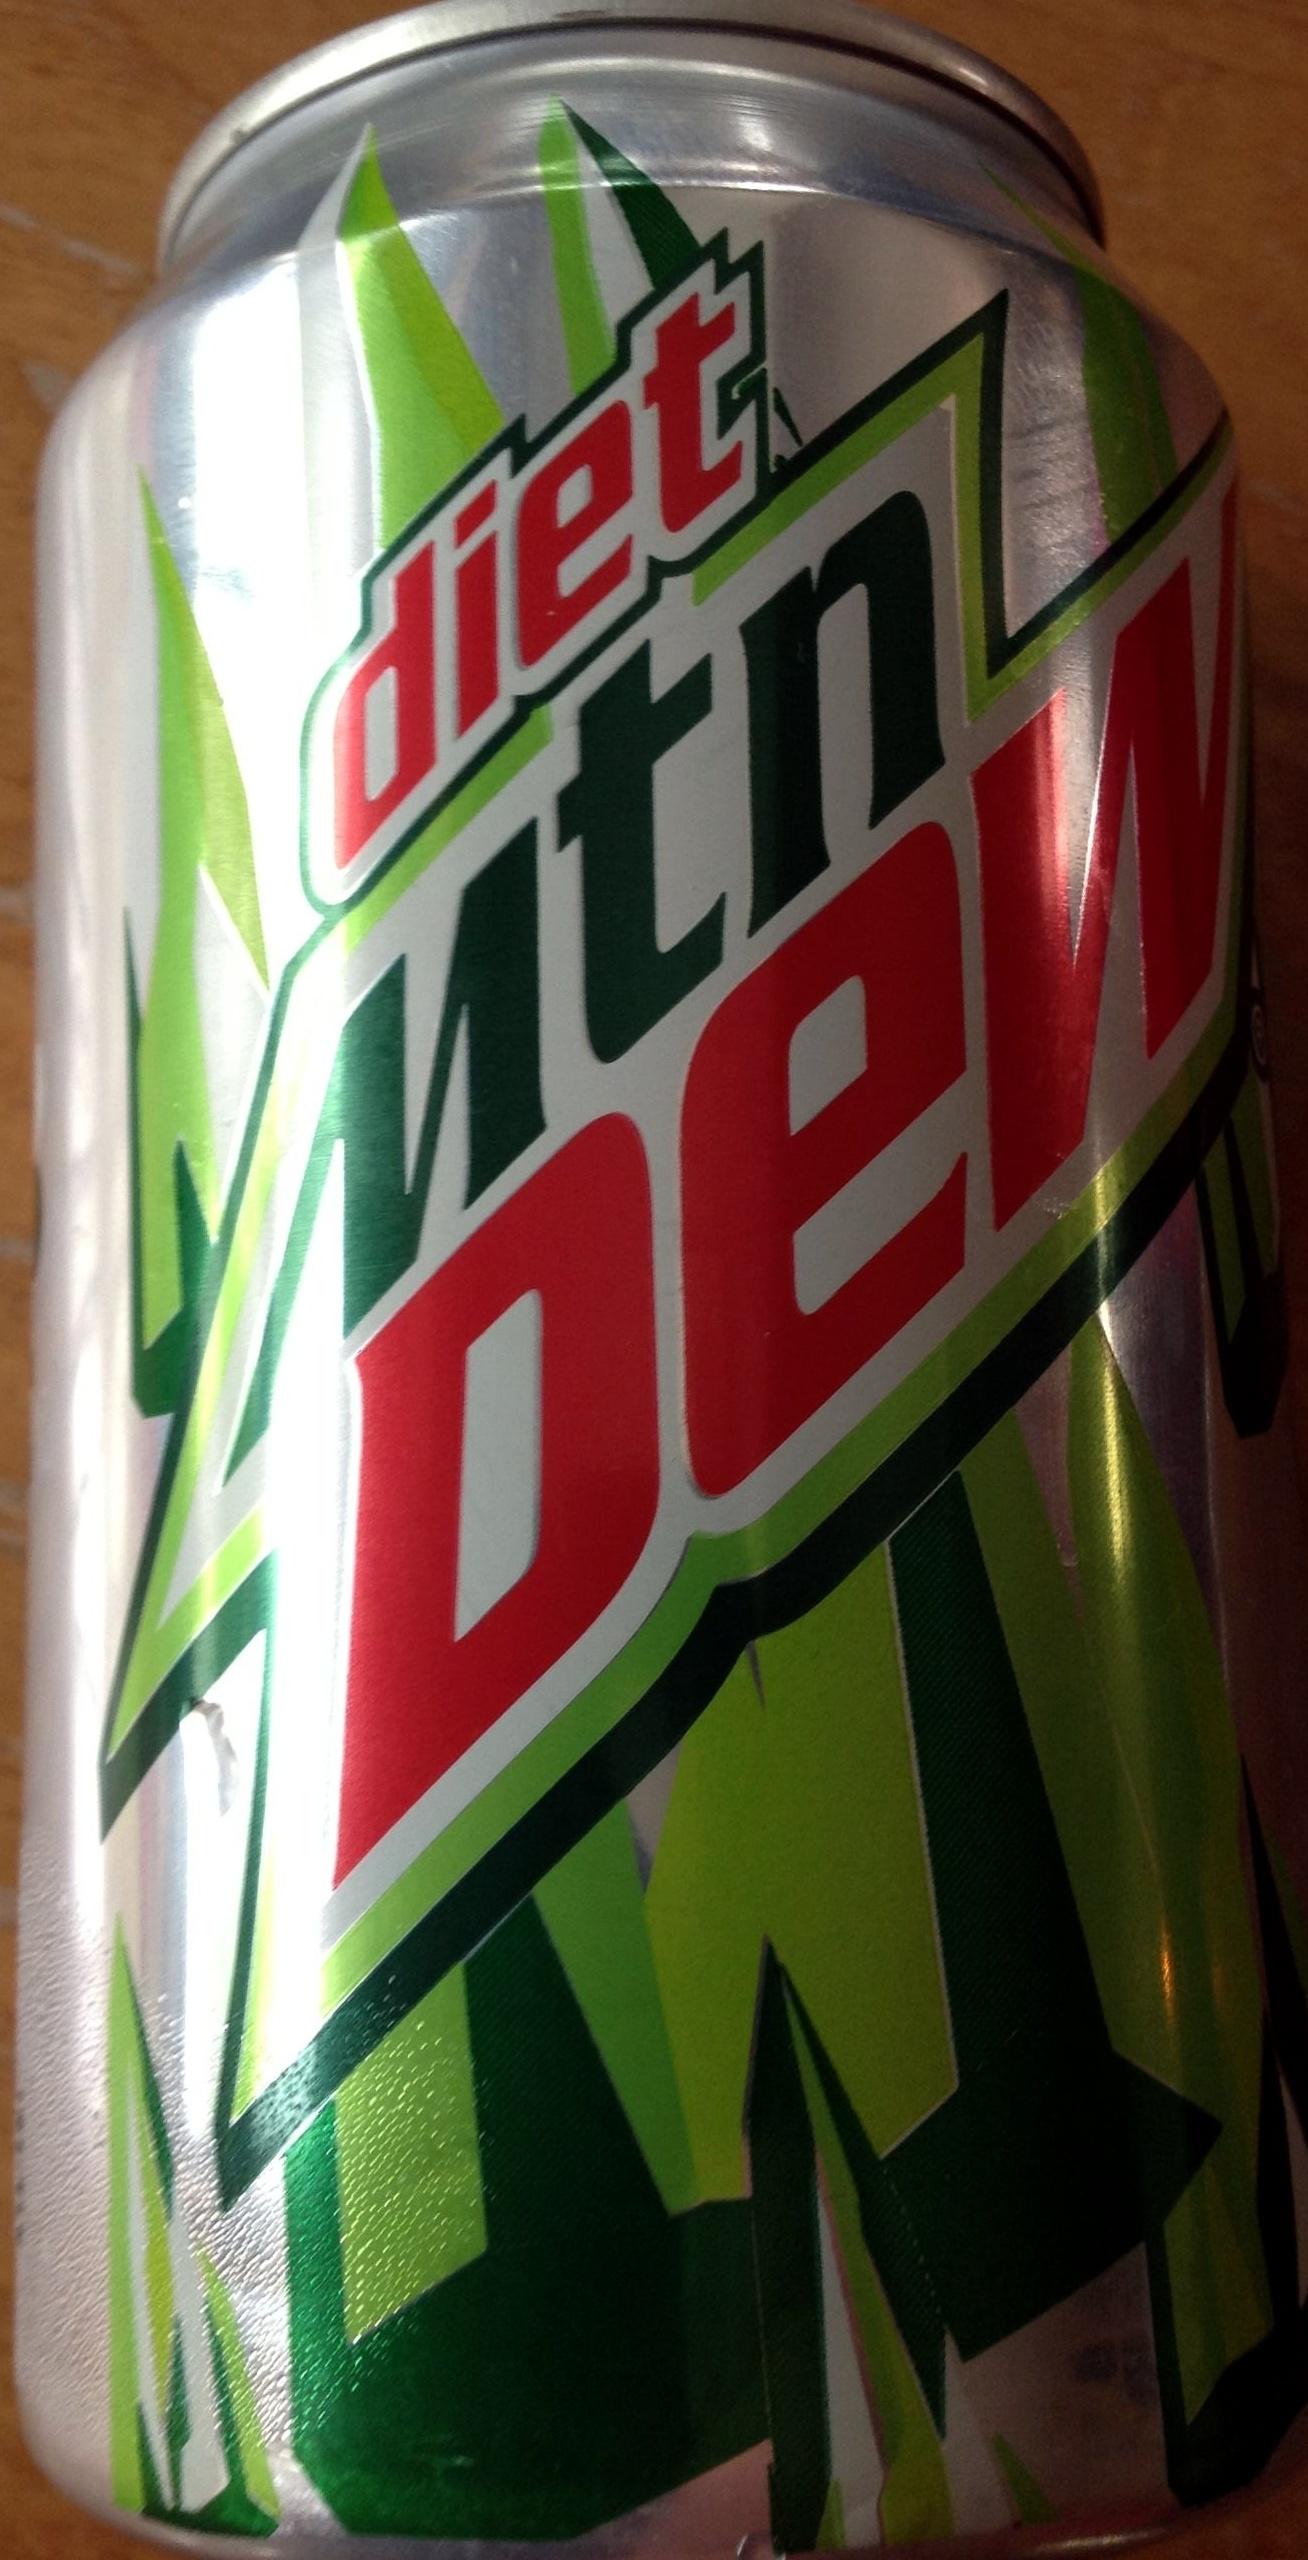 Diet Mtn Dew - Product - en